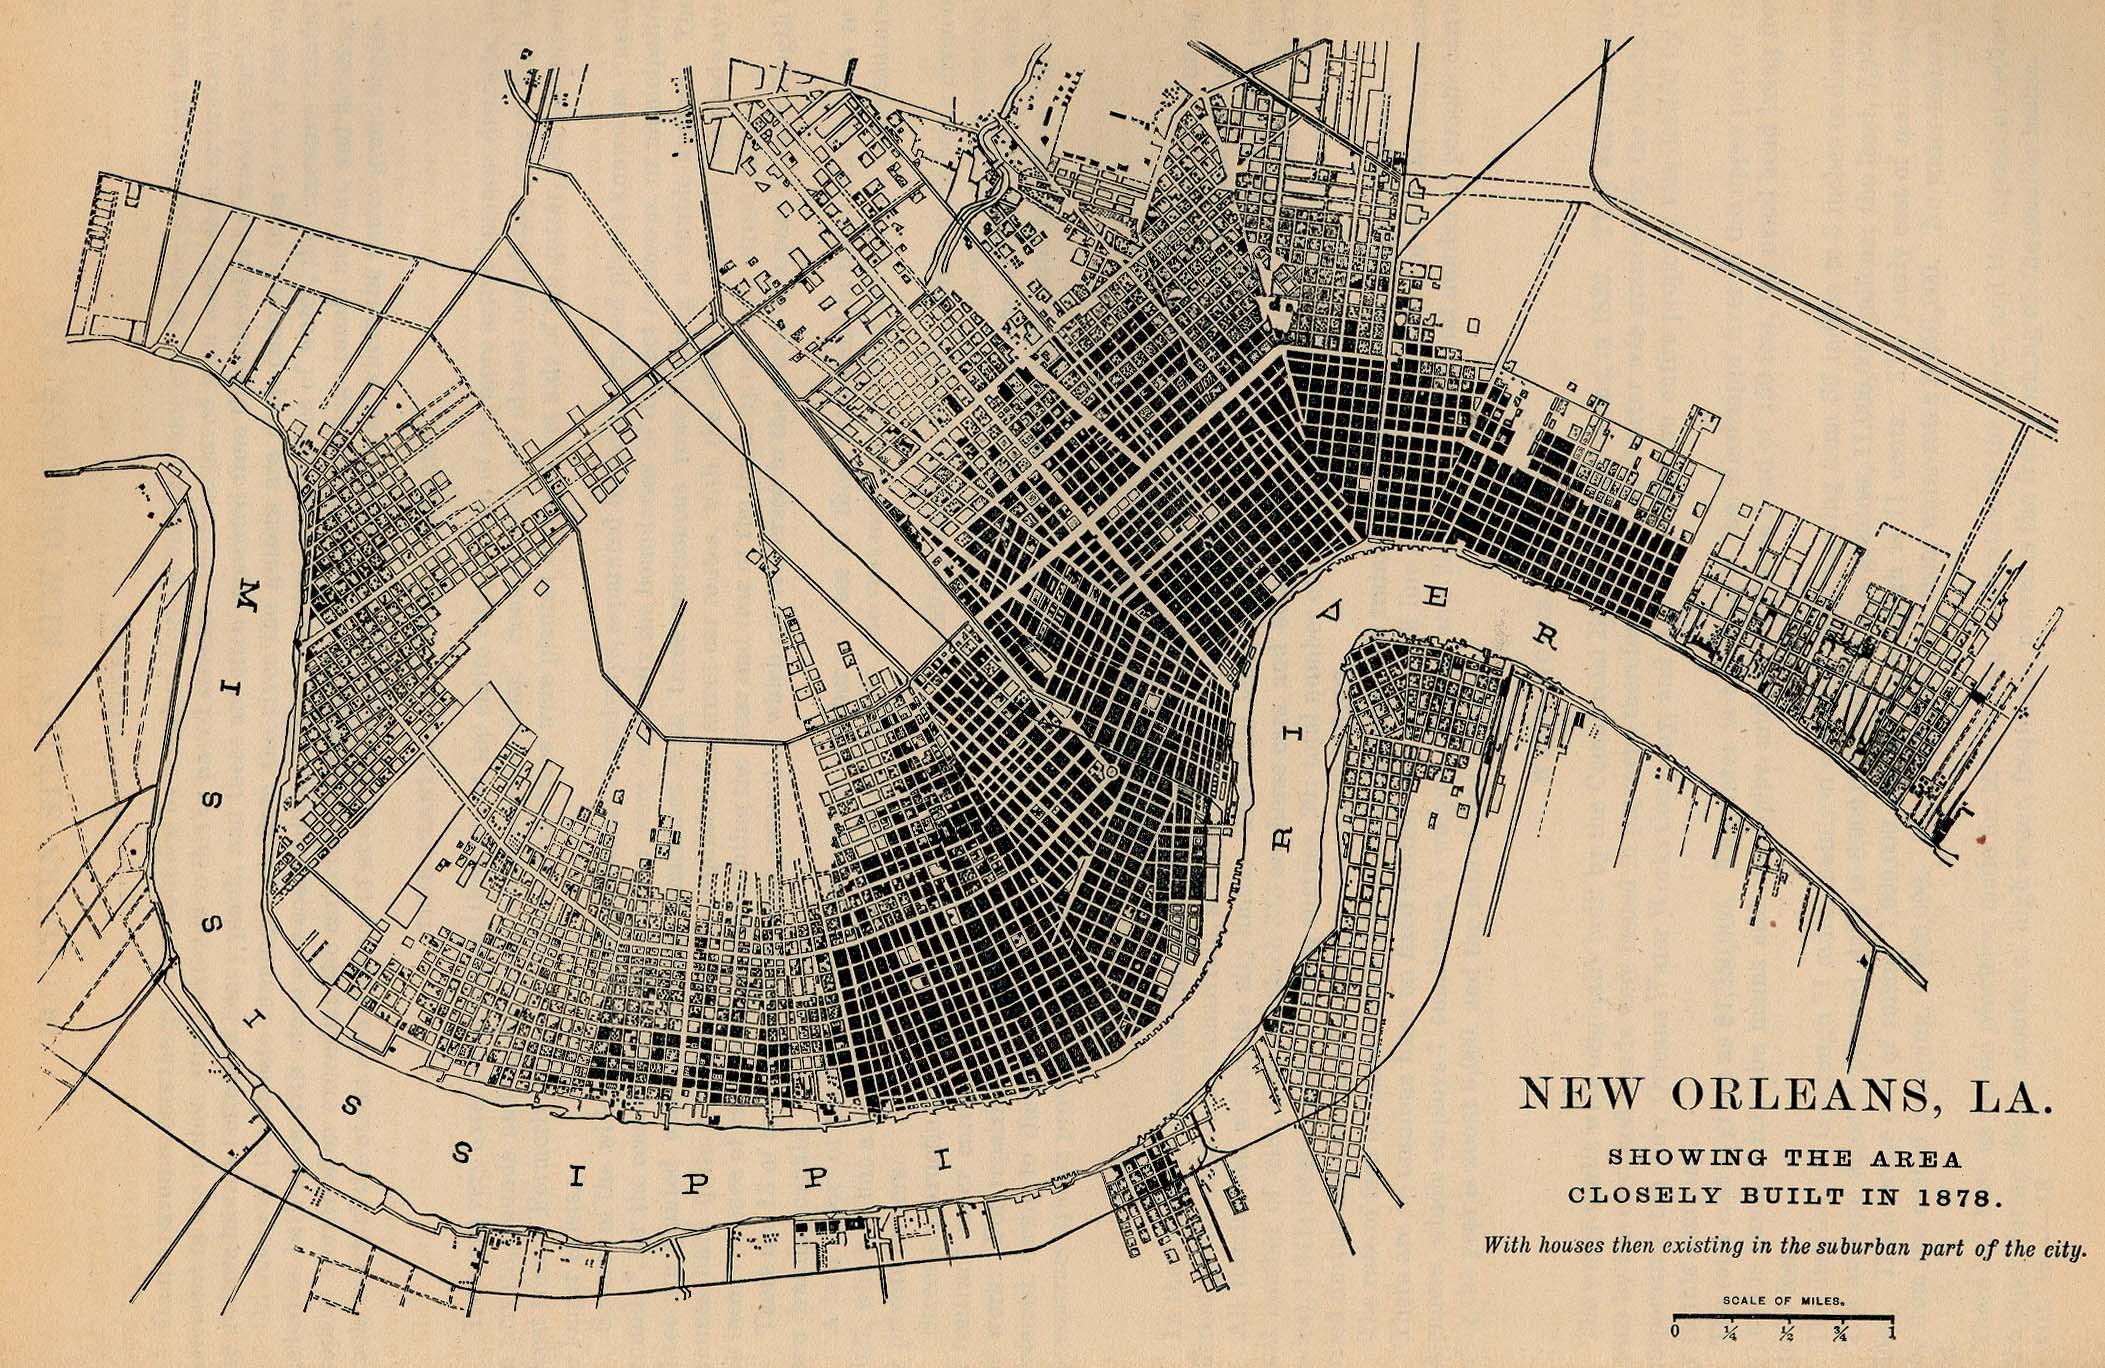 Mapa de la Ciudad de Nueva Orleans, Luisiana, Estados Unidos 1878